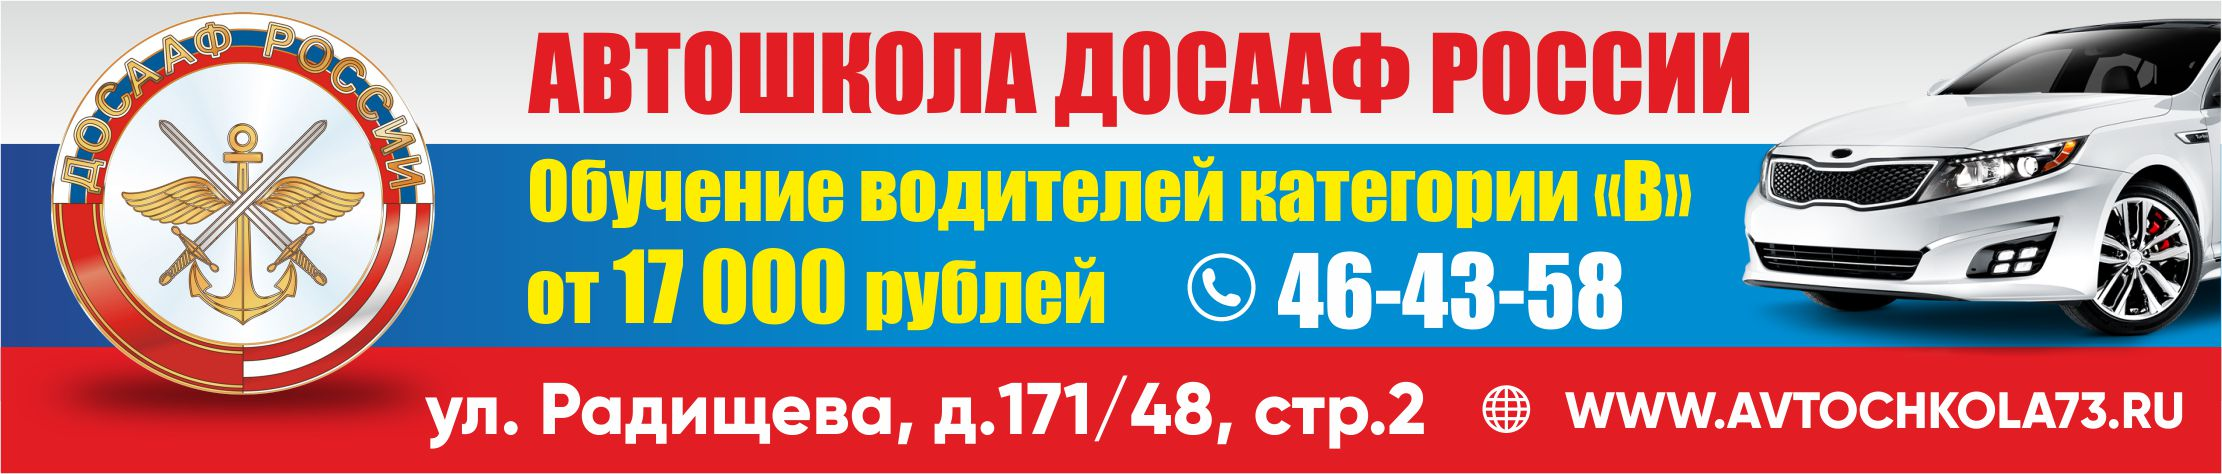 Автошкола ДОСААФ приглашает на курсы водителей